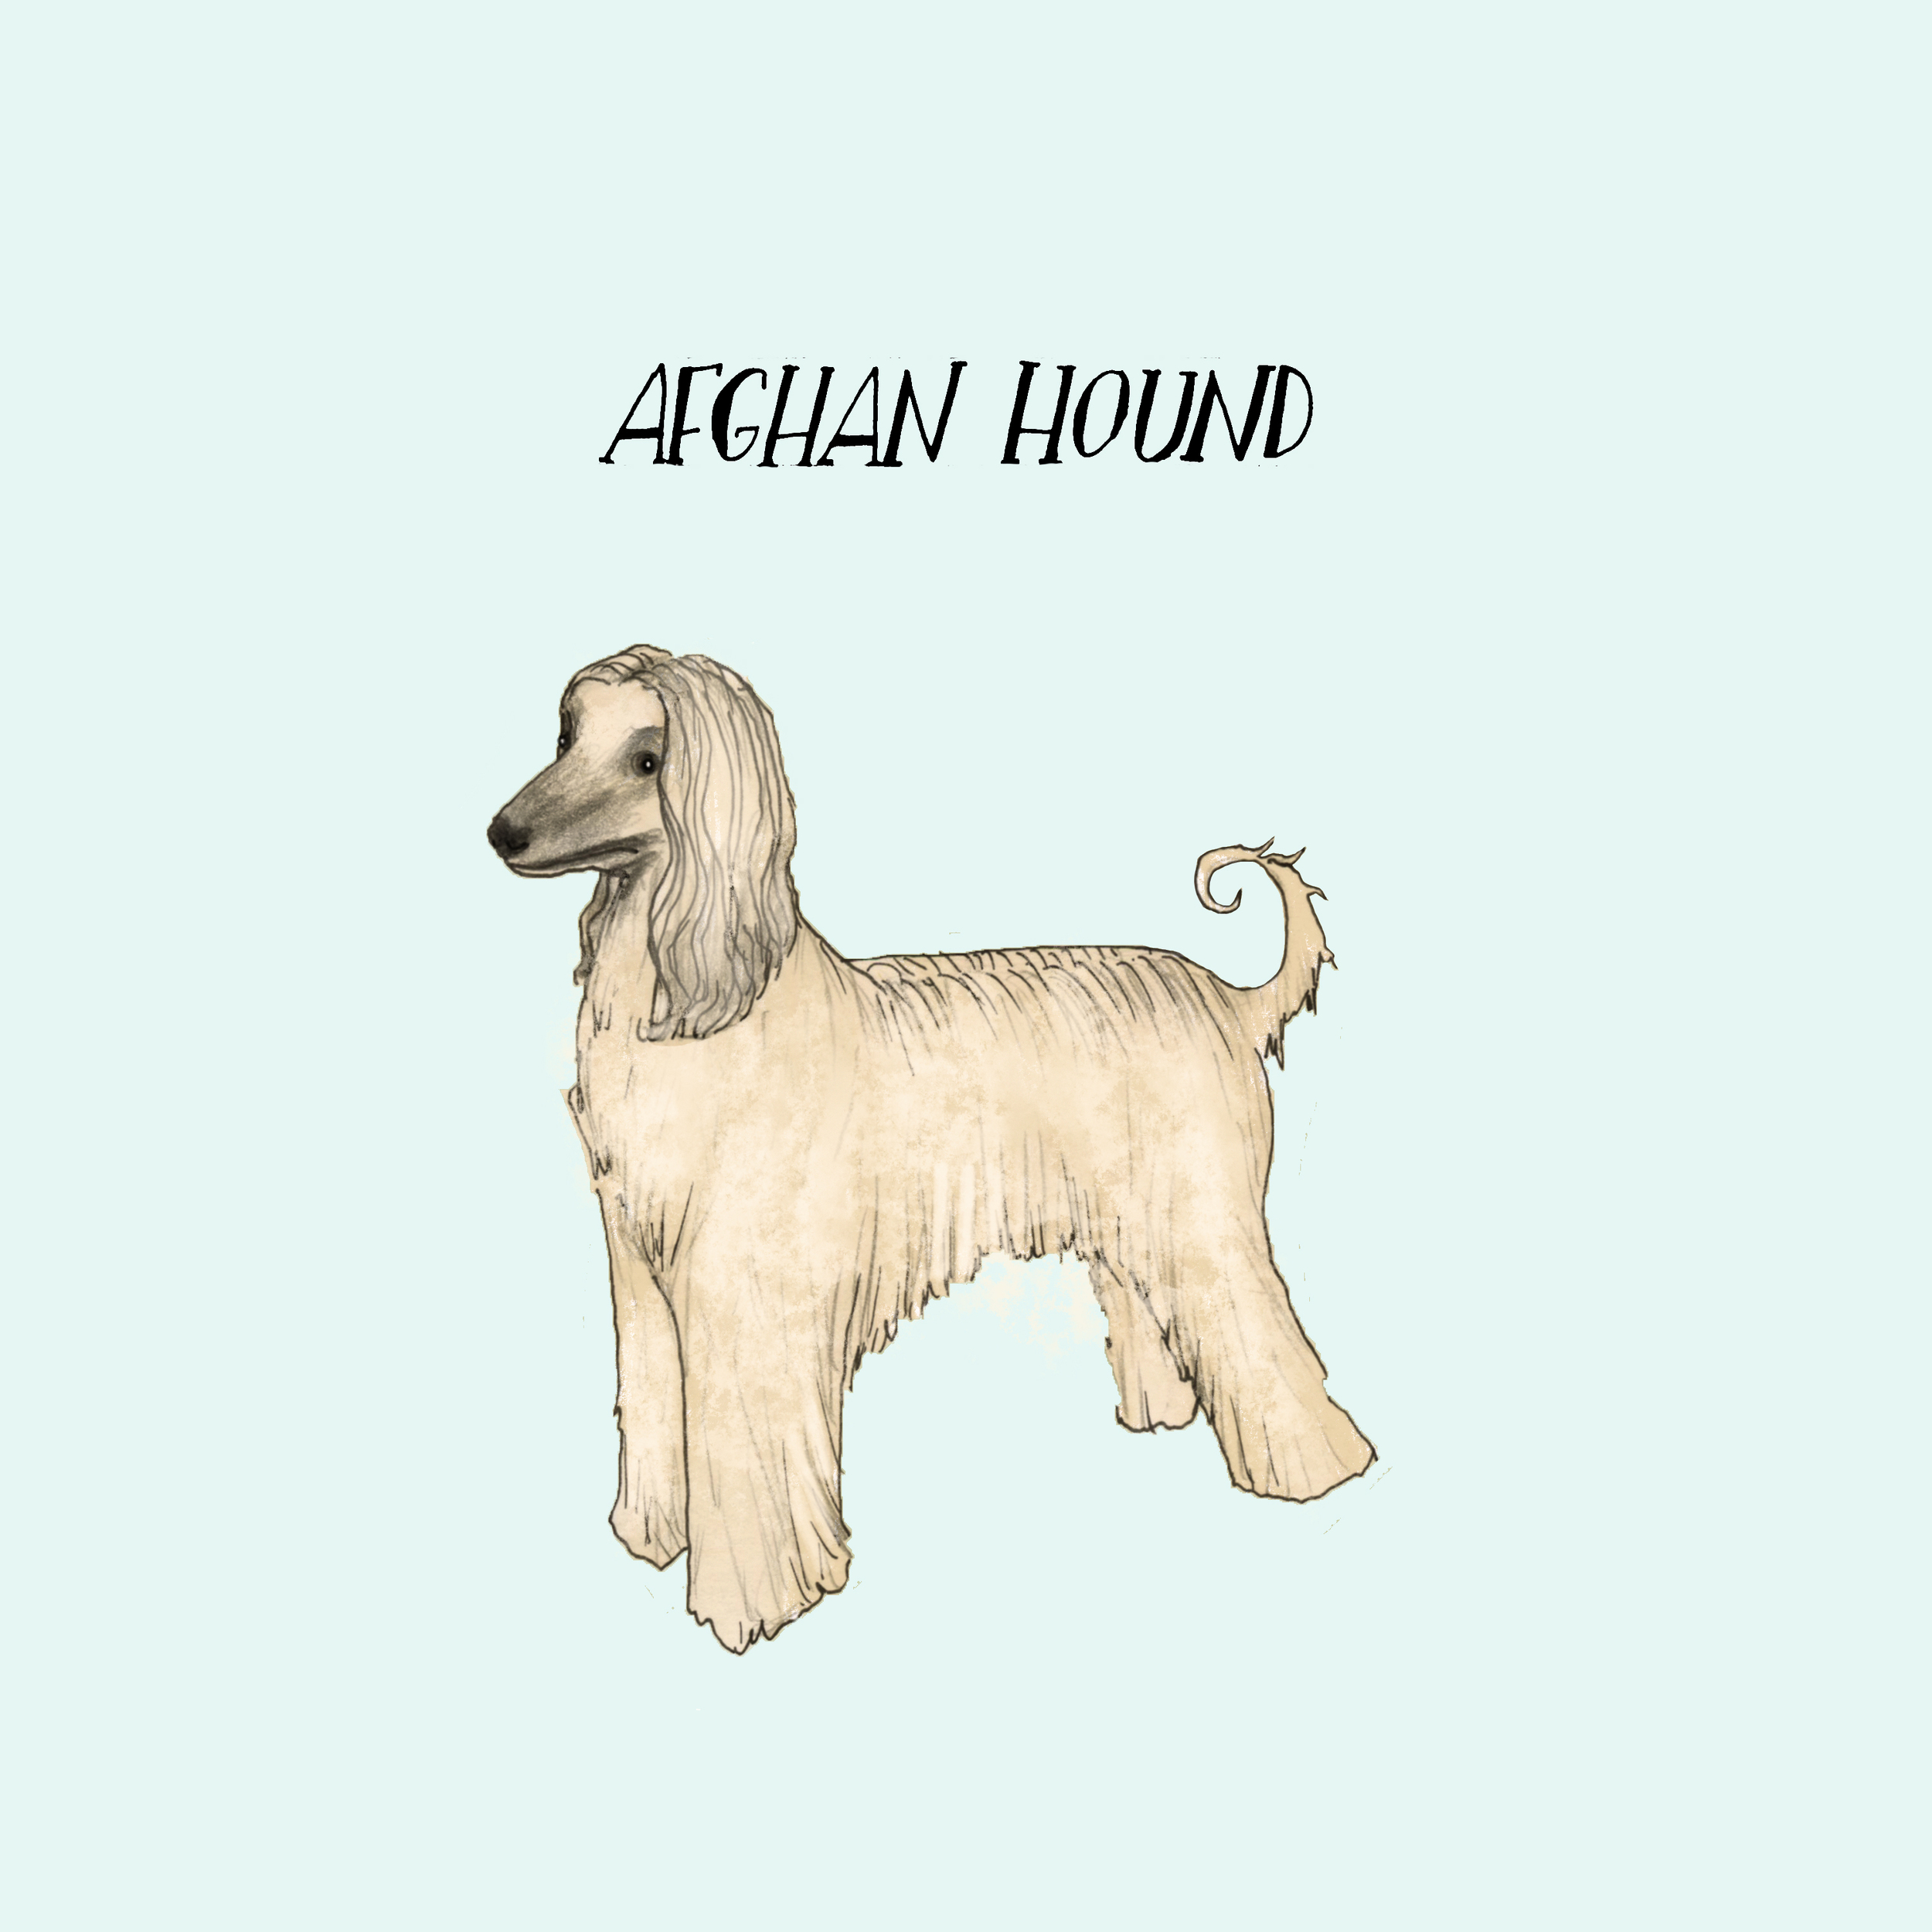 dogadayafganhound.jpg